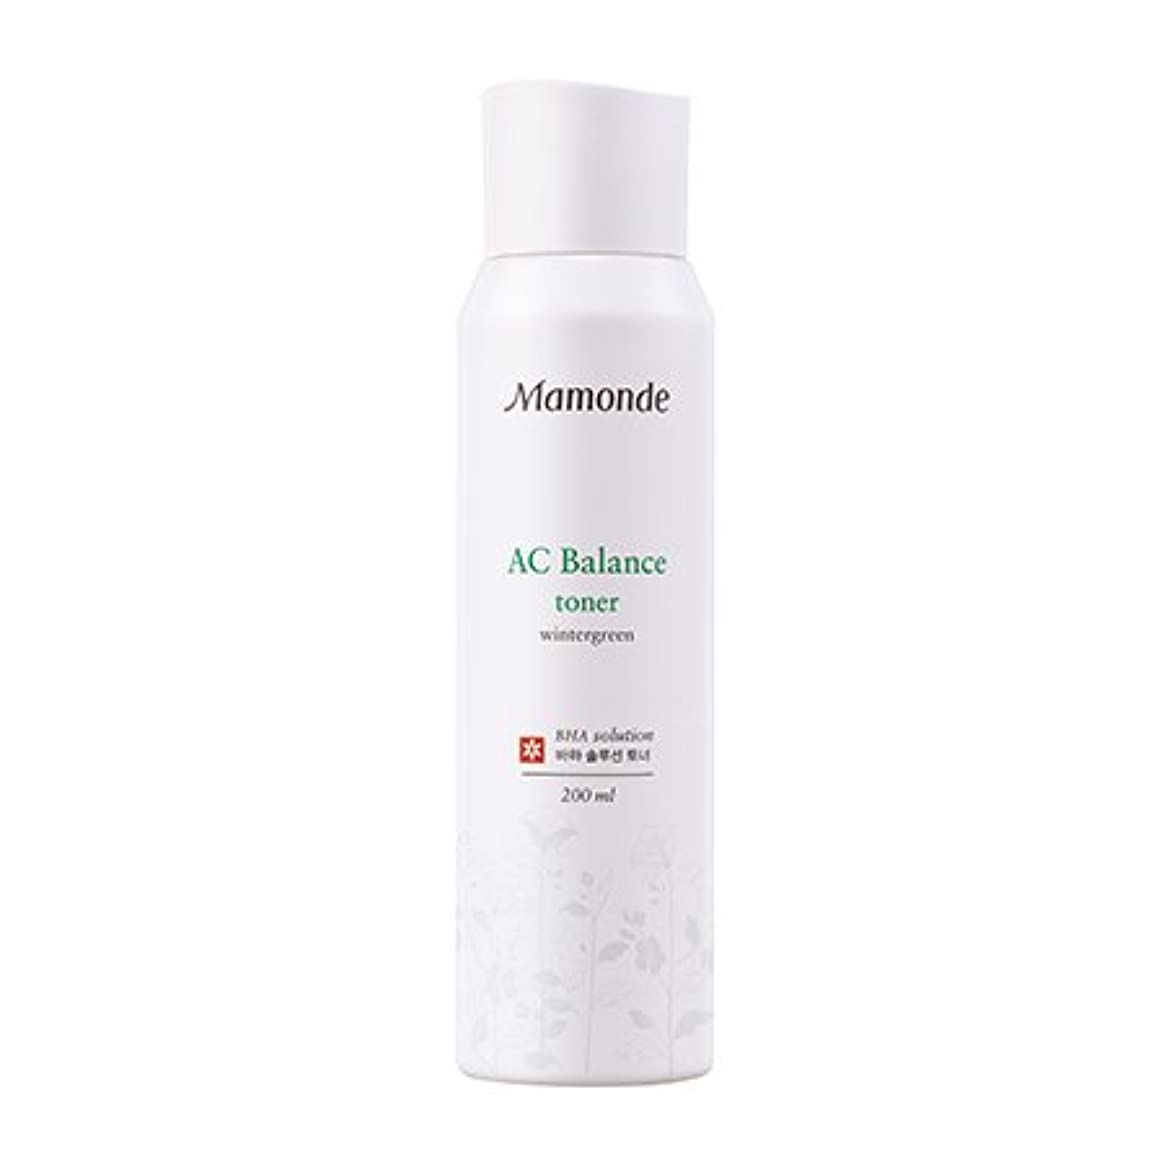 ジョージスティーブンソンシールドエントリ[New] Mamonde AC Balance Toner 200ml/マモンド AC バランス トナー 200ml [並行輸入品]